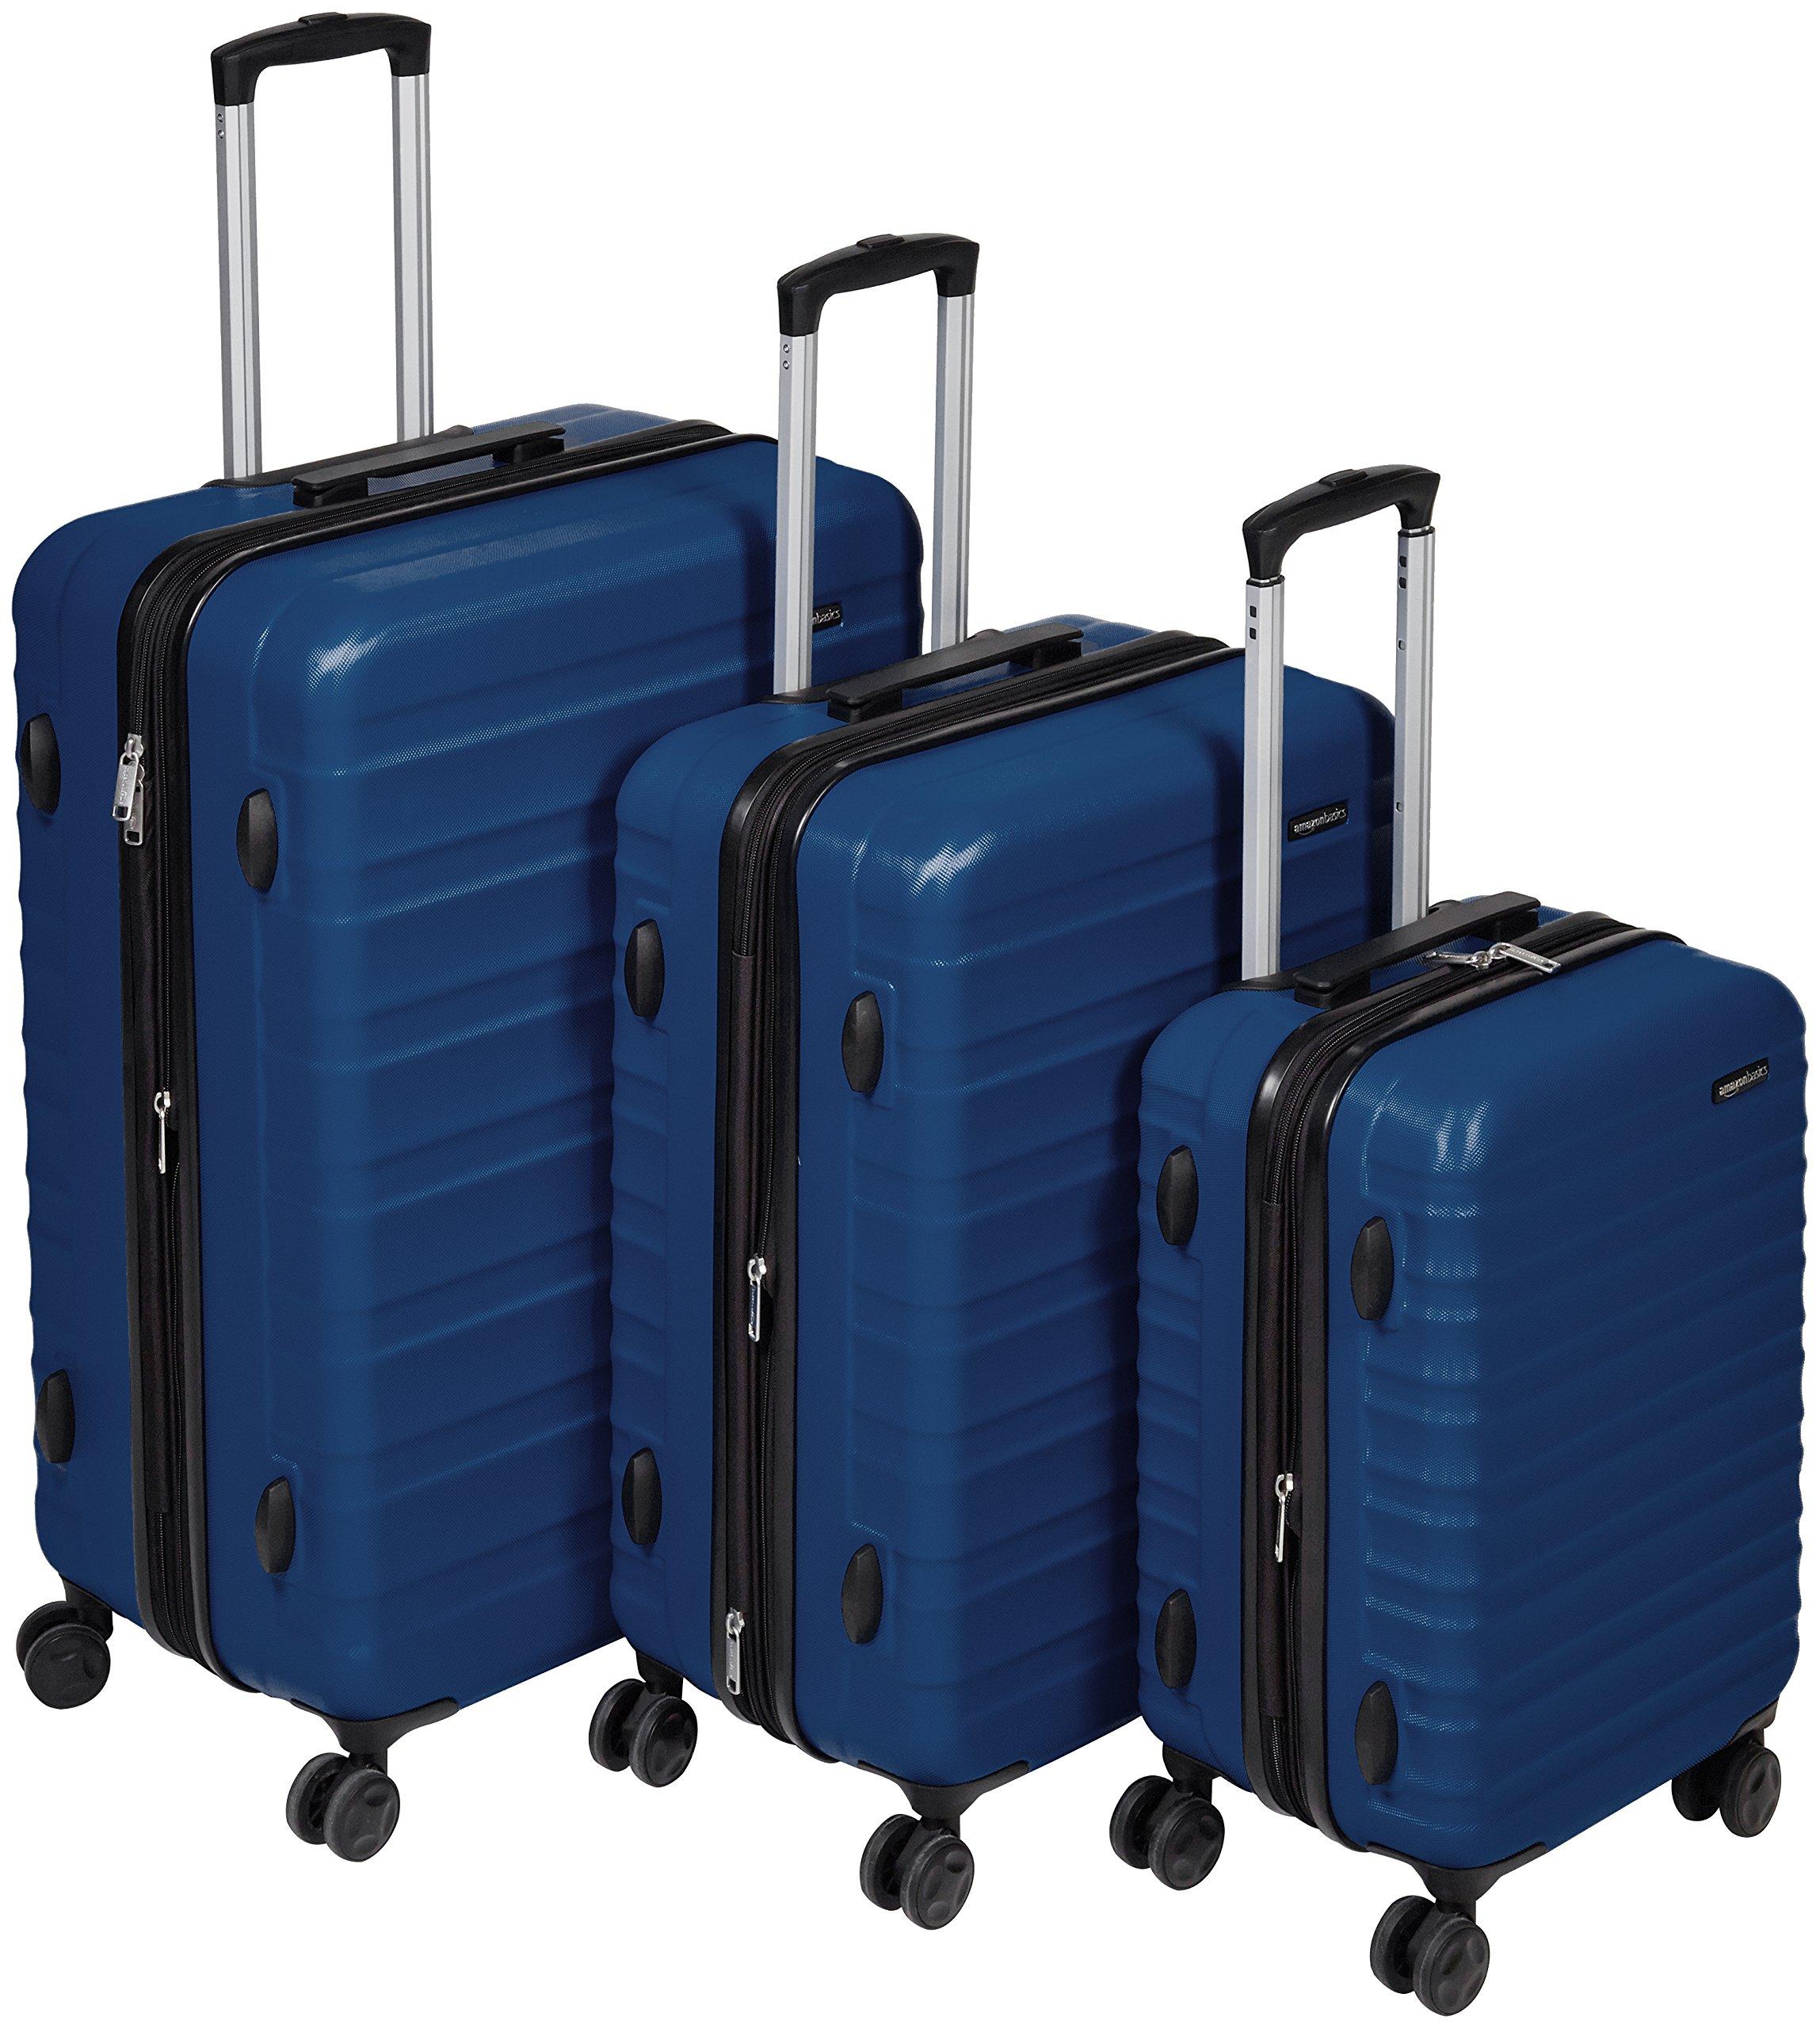 AmazonBasics Hardside Spinner Luggage - 3 Piece Set (20'', 24'', 28''), Navy